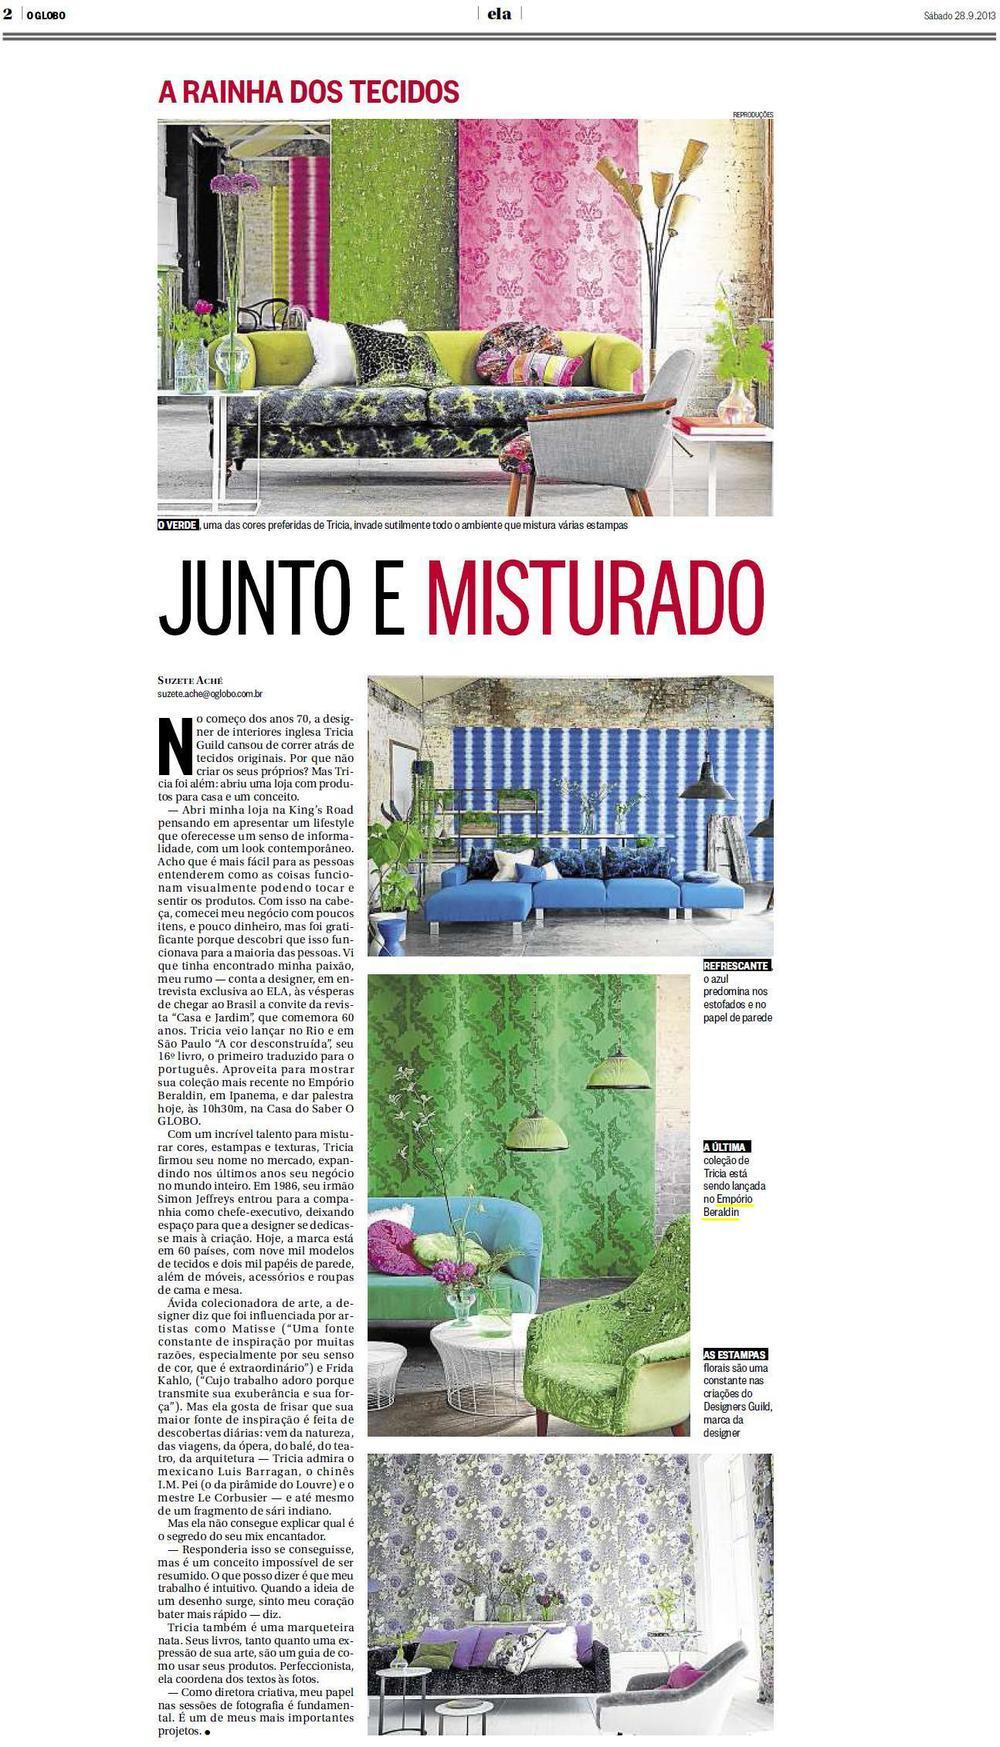 EMPÓRIO BERALDIN NO ELA  28.09.2013 (1).jpg